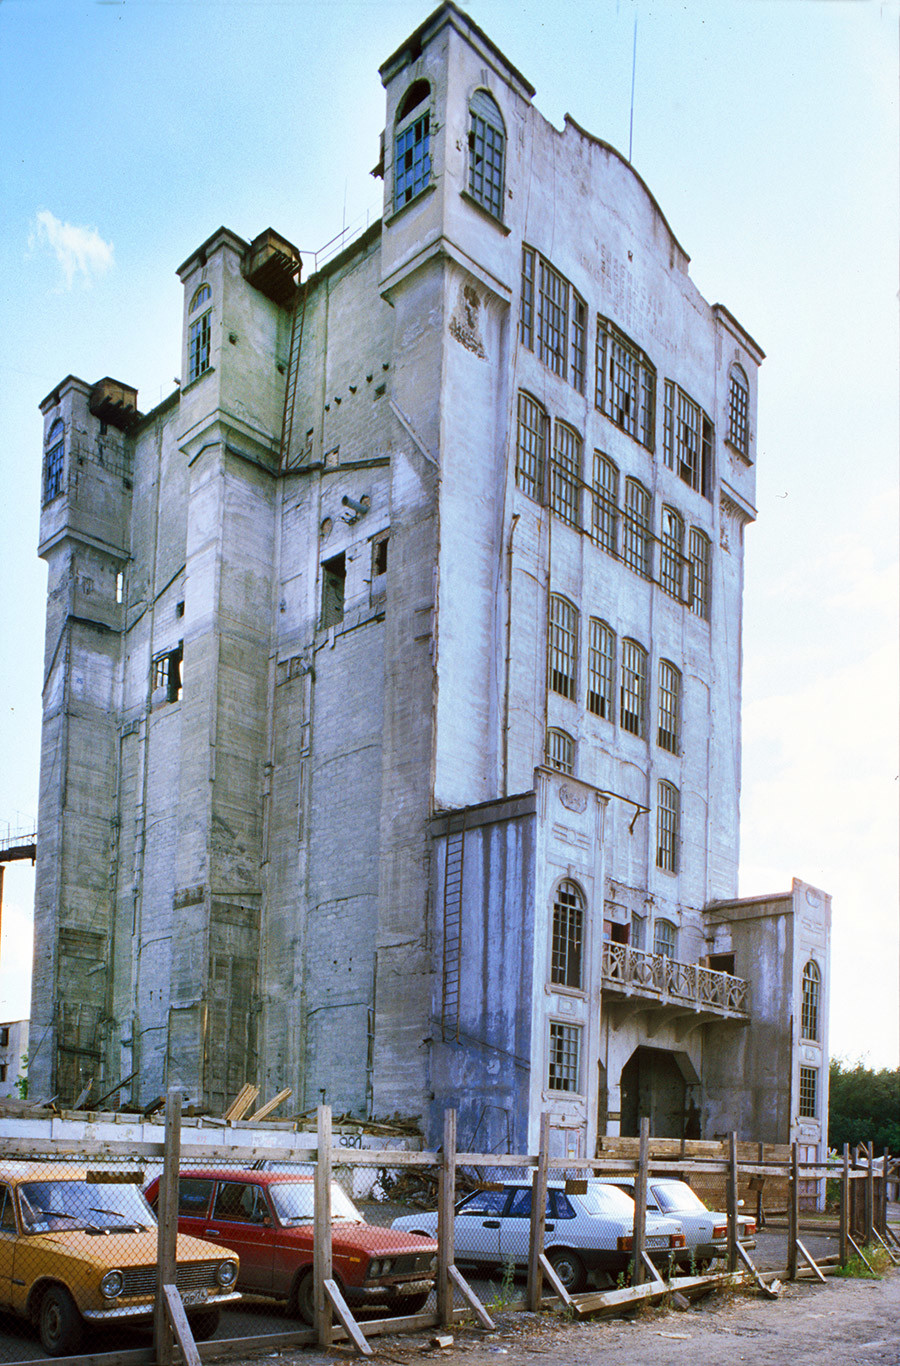 Élévateur à grain de la banque d'État. Construit entre 1914 et 1916 en utilisant une technologie avancée de béton armé, dans le cadre d'un programme national pour les centres de stockage de céréales. Il a été utilisé jusque dans les années 90, puis a été partiellement démoli.